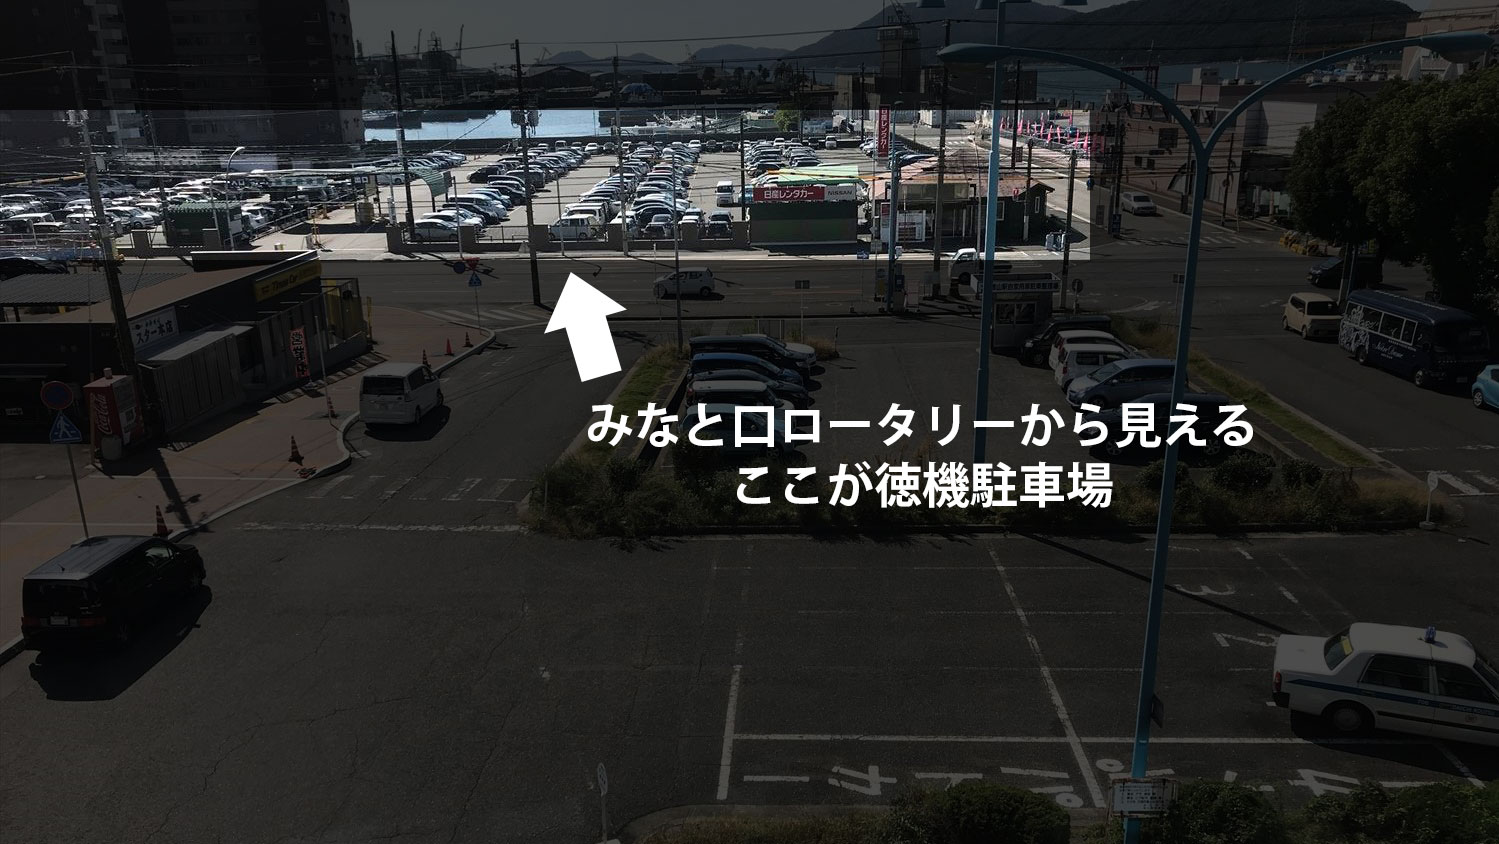 徳山駅徳機駐車場